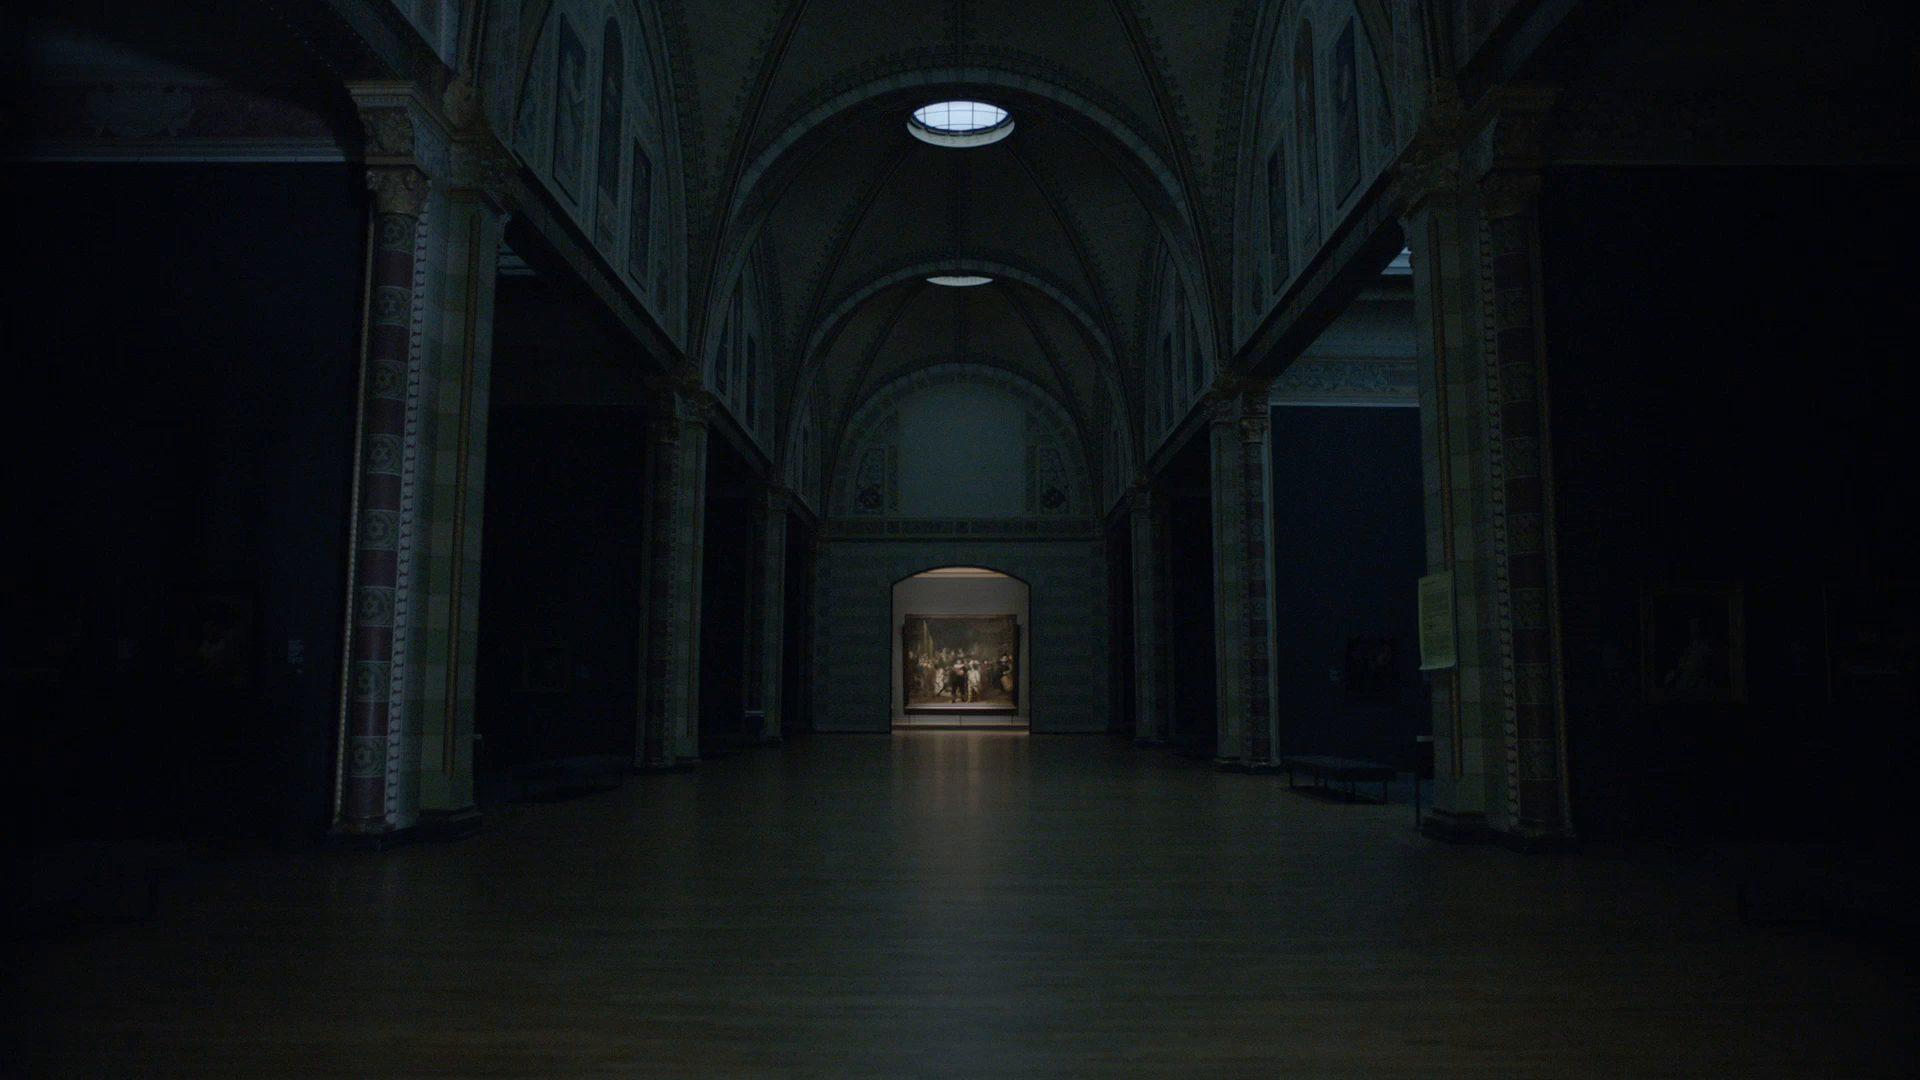 Rijksmuseum Magie Nl 90 Skyhof 20883